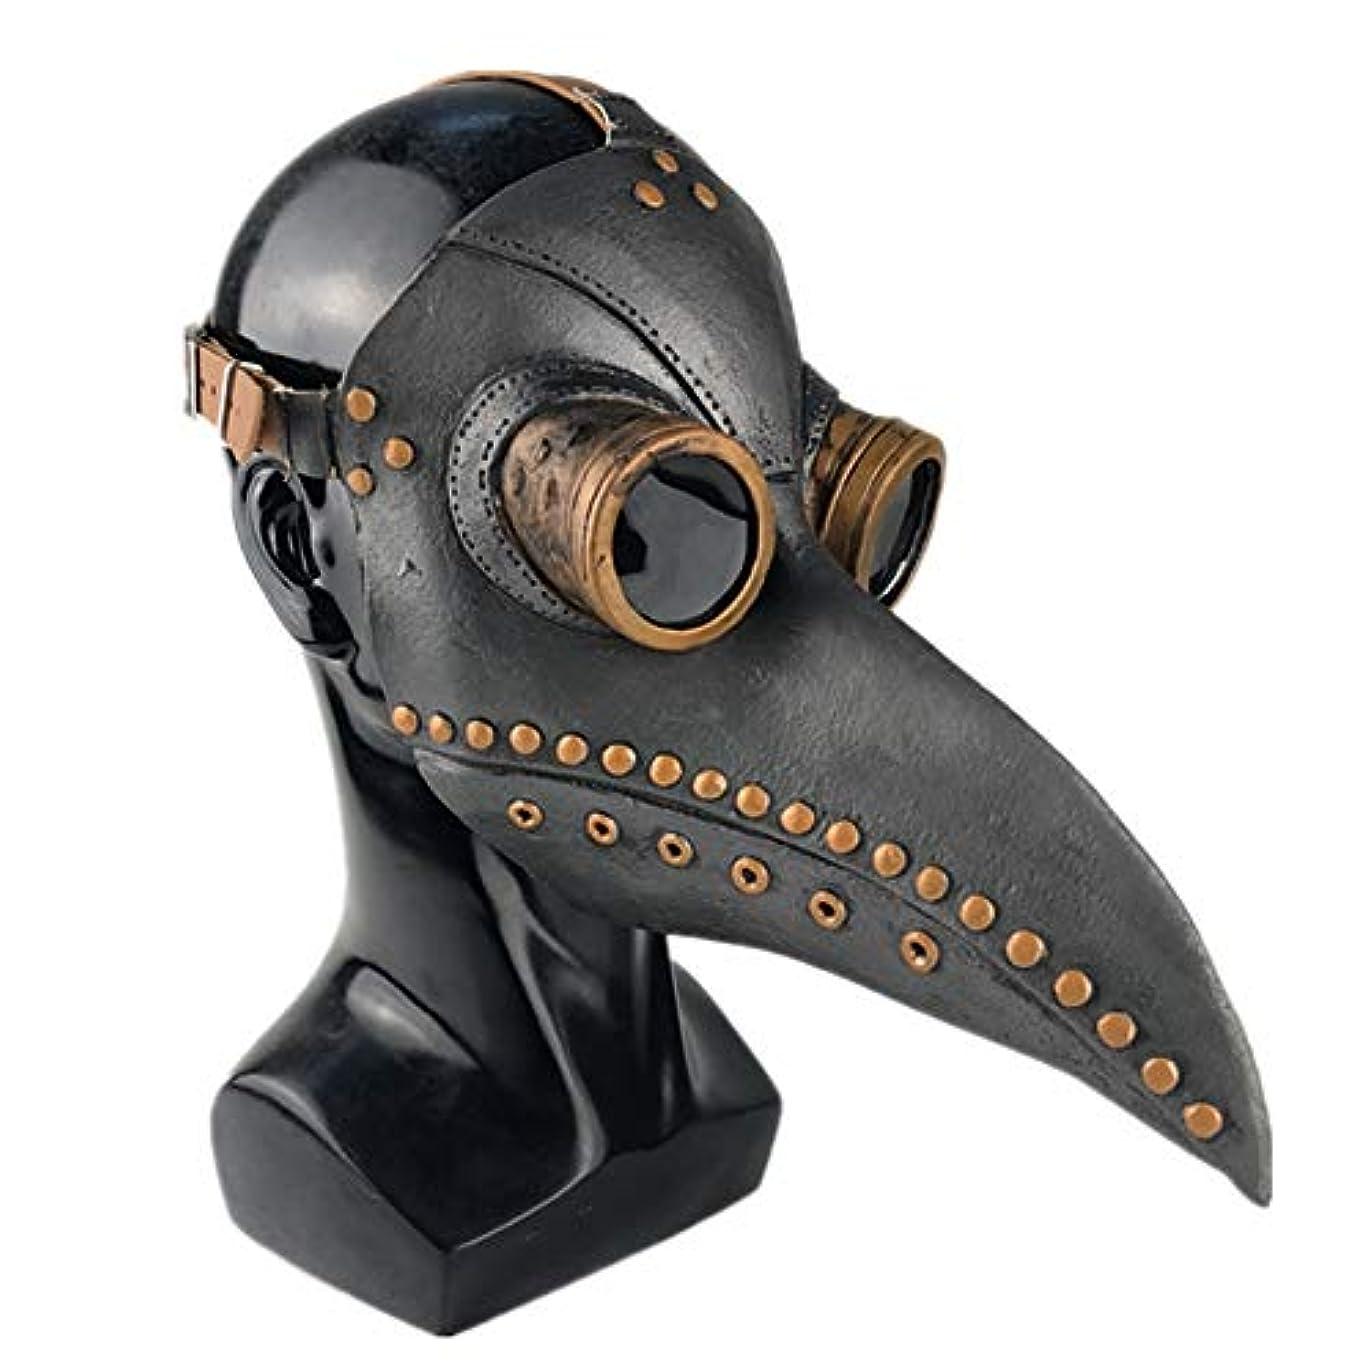 ローマ人毎年ブローKISSION ホラーマスク ハロウィンデコレーション 通気性 ペストスチーム喙ドクターマスク 仮面舞踏会喙ドクターマスク 小道具 黒 銅の爪